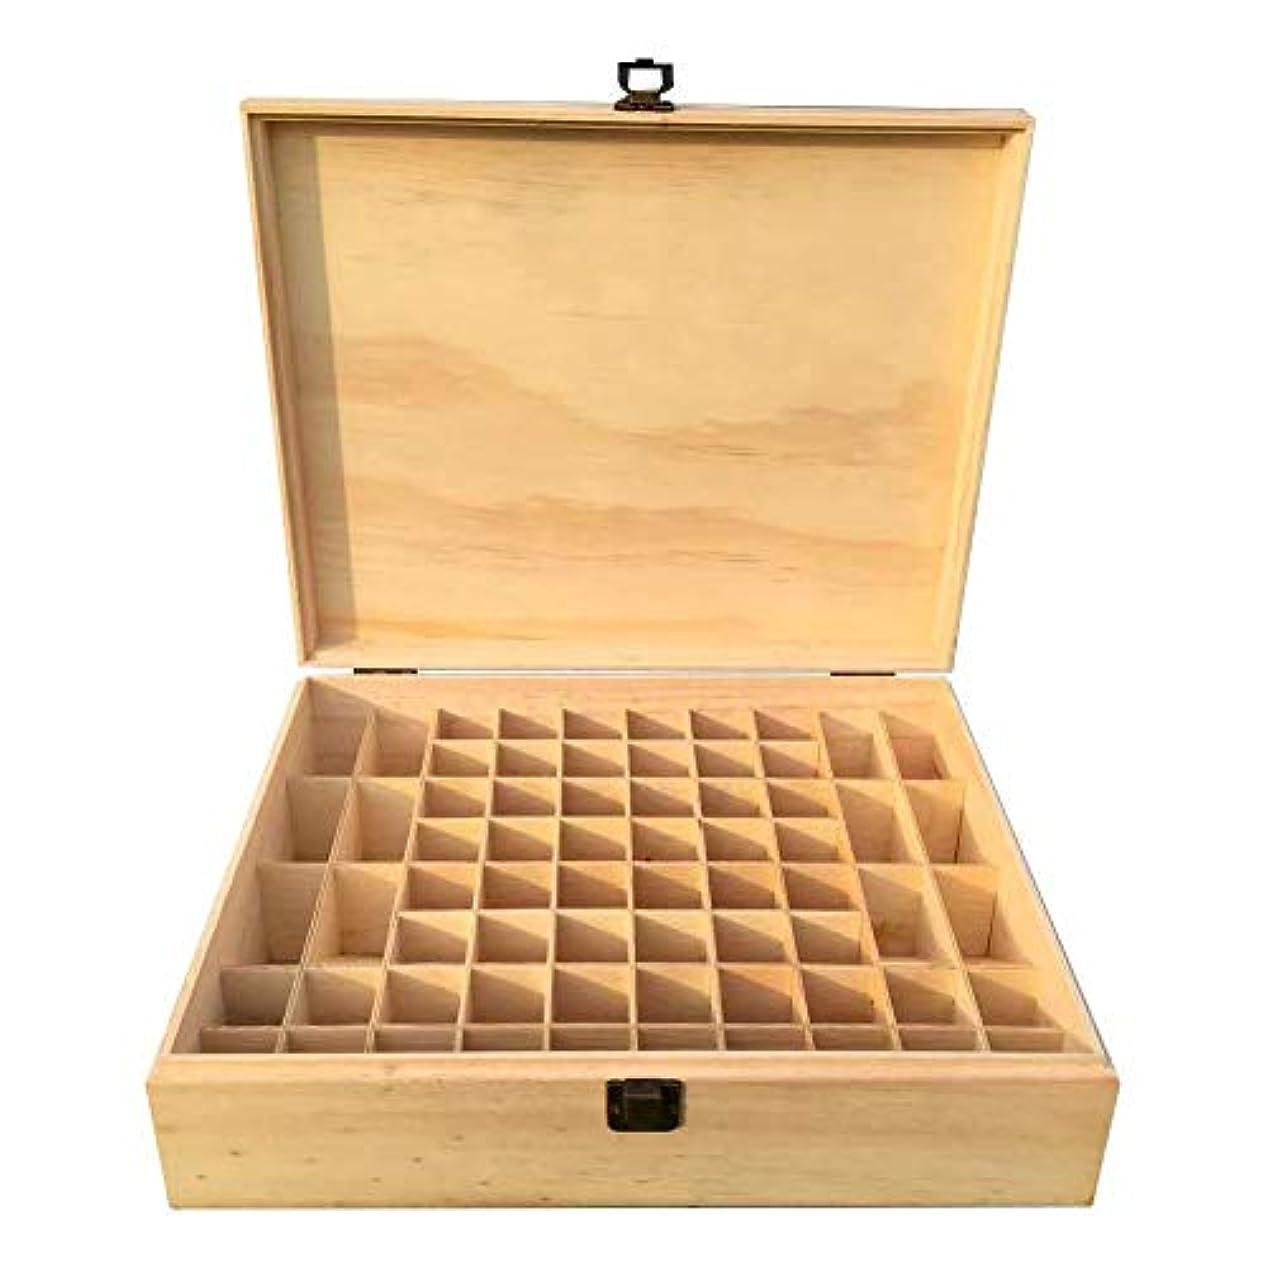 ブラケットレパートリーエンゲージメントKeytowards 68グリッド木製エッセンシャルオイルボックス、エッセンシャルオイルオーガナイザー収納ボックスケースディスプレイホールド、68コンパートメント、5-15mlエッセンシャルオイルボトル用